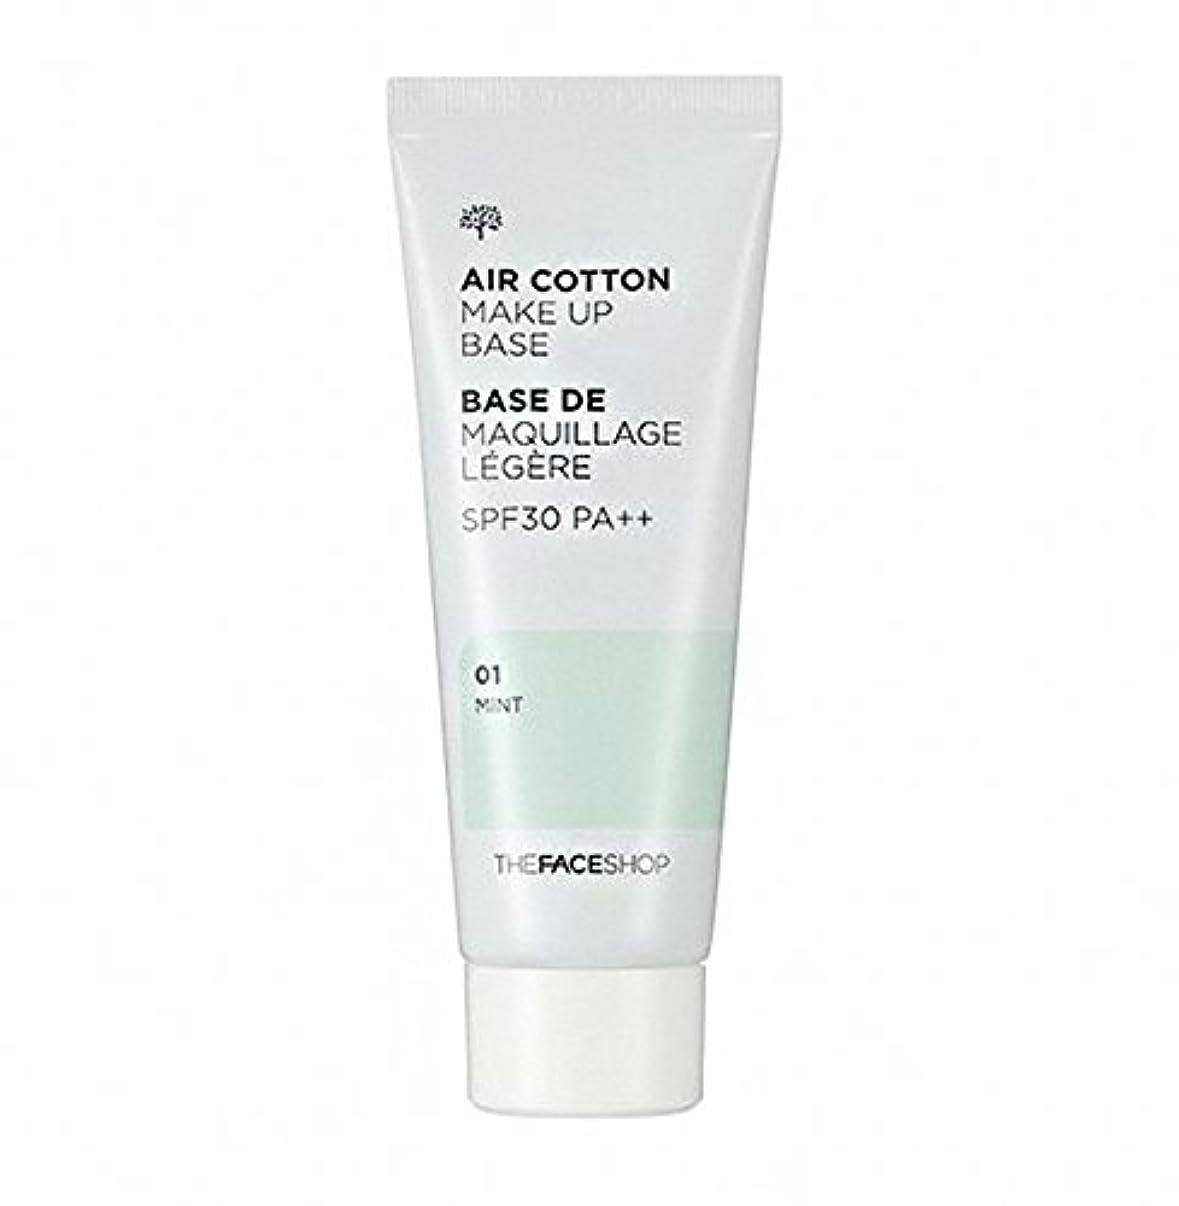 好きである肥料チャップザ·フェイスショップ The Face Shop エアコットン メーキャップ ベース 40ml(01 ミント) The Face Shop air Cotton Makeup Base 40ml(01 Mint) [海外直送品]